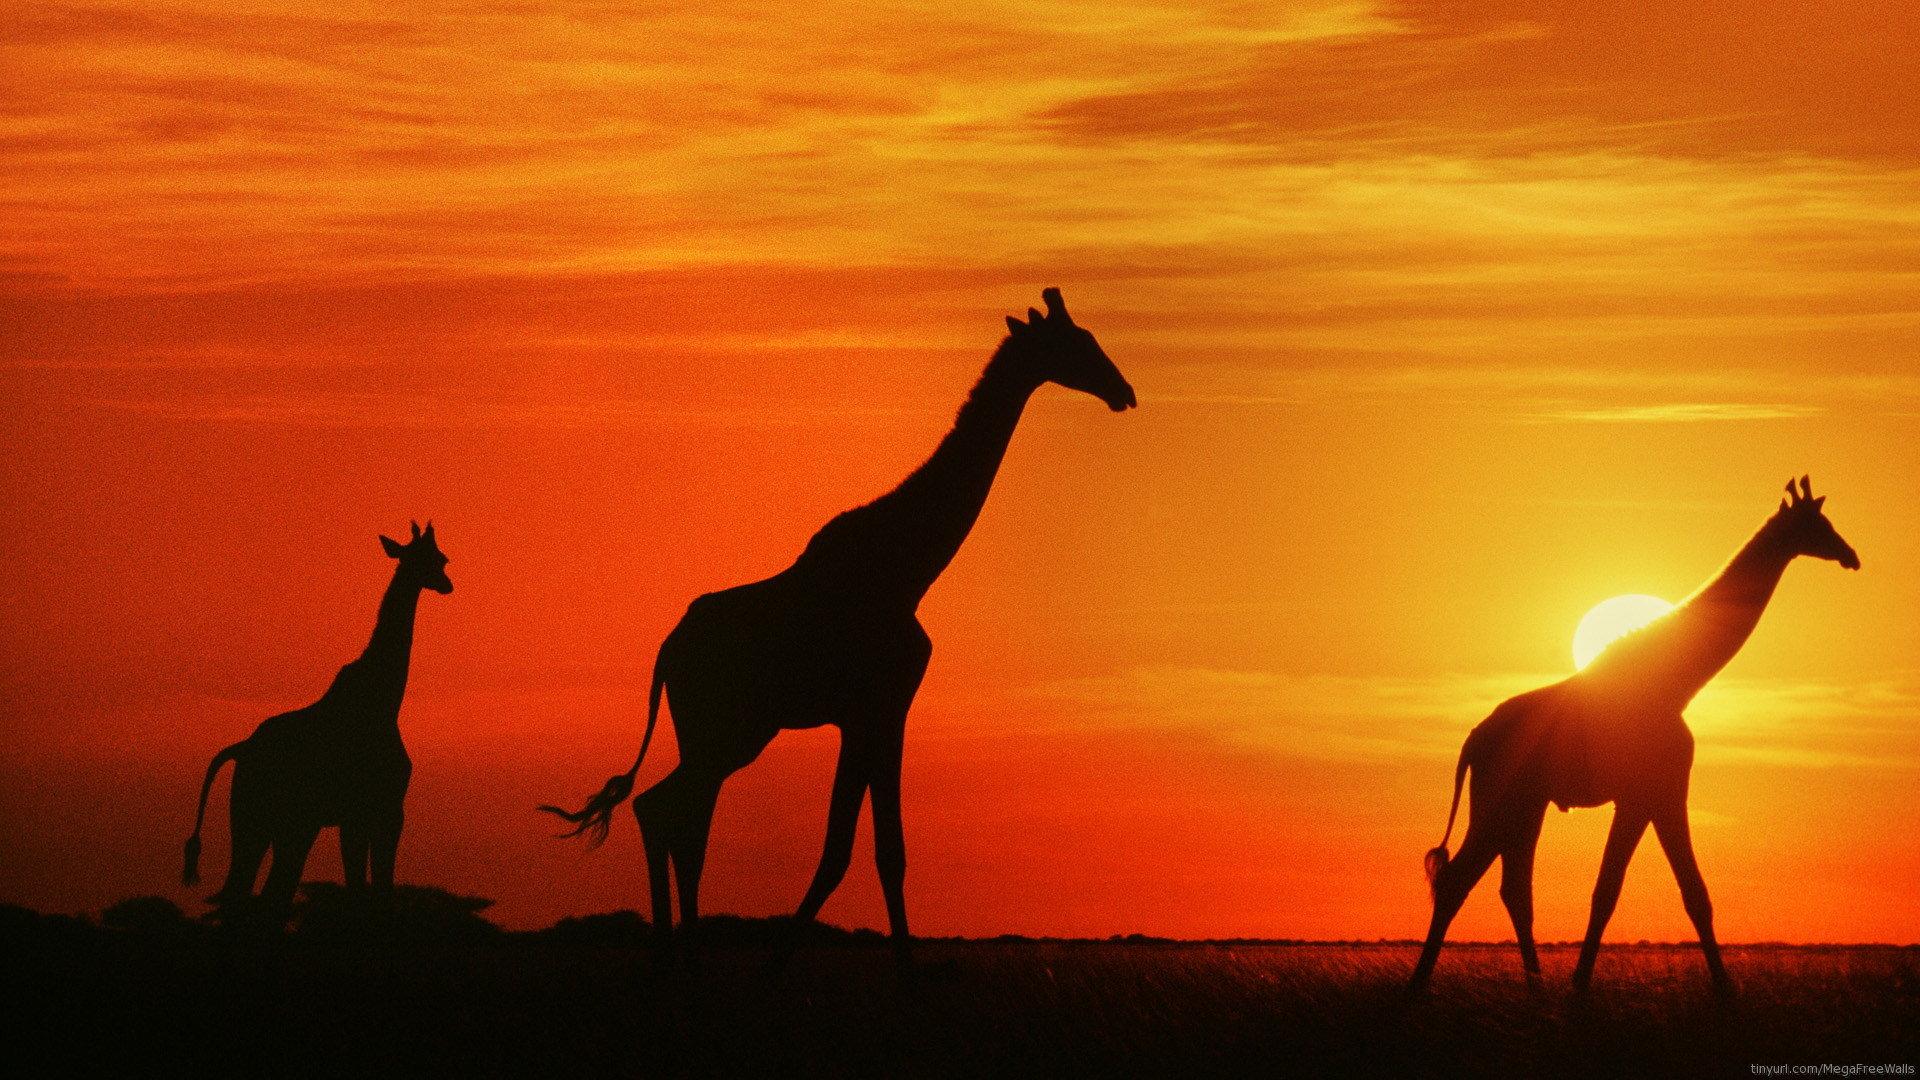 Girafe Fond D Ecran Hd Imagenes Fond D Ecran Hd 1920x1080 Wallpapertip